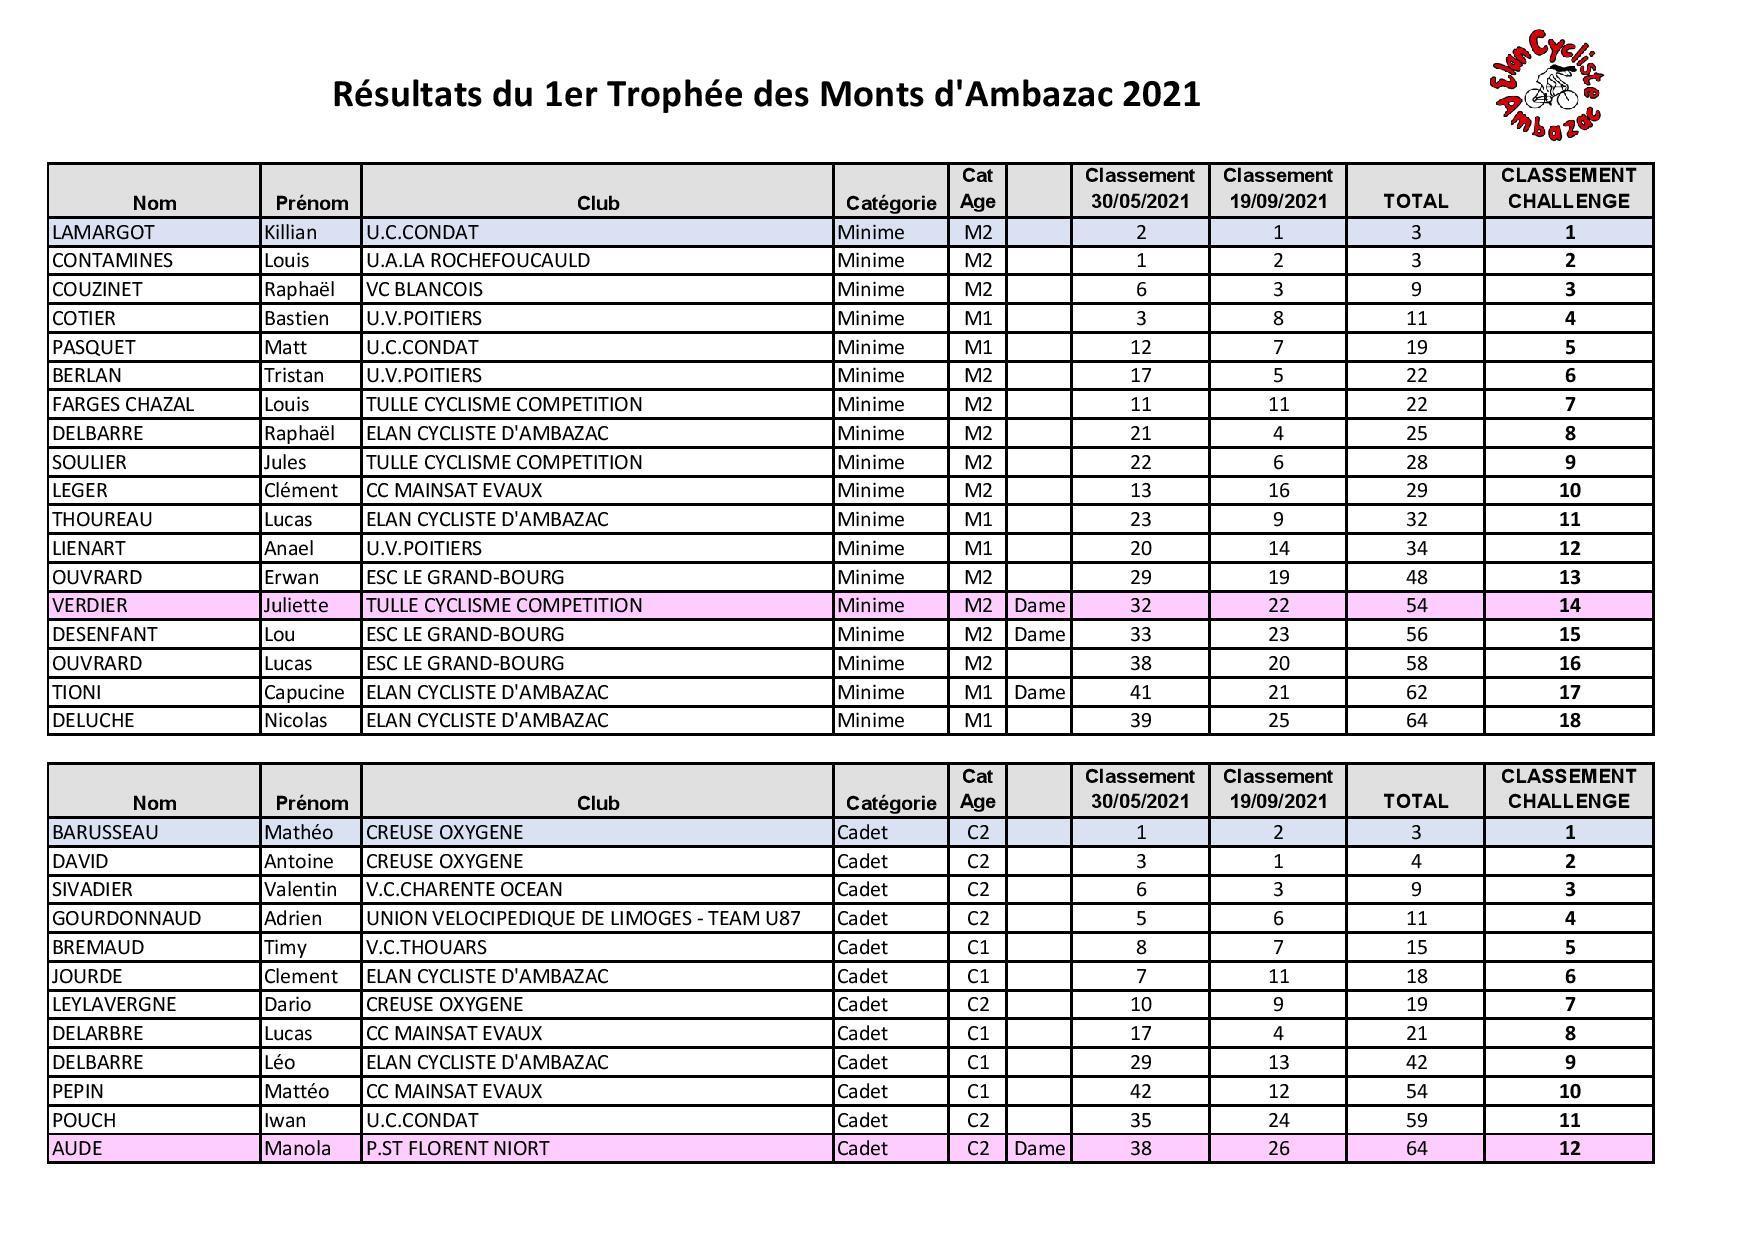 Classement challenge des monts d ambazac 2021 page 001 1